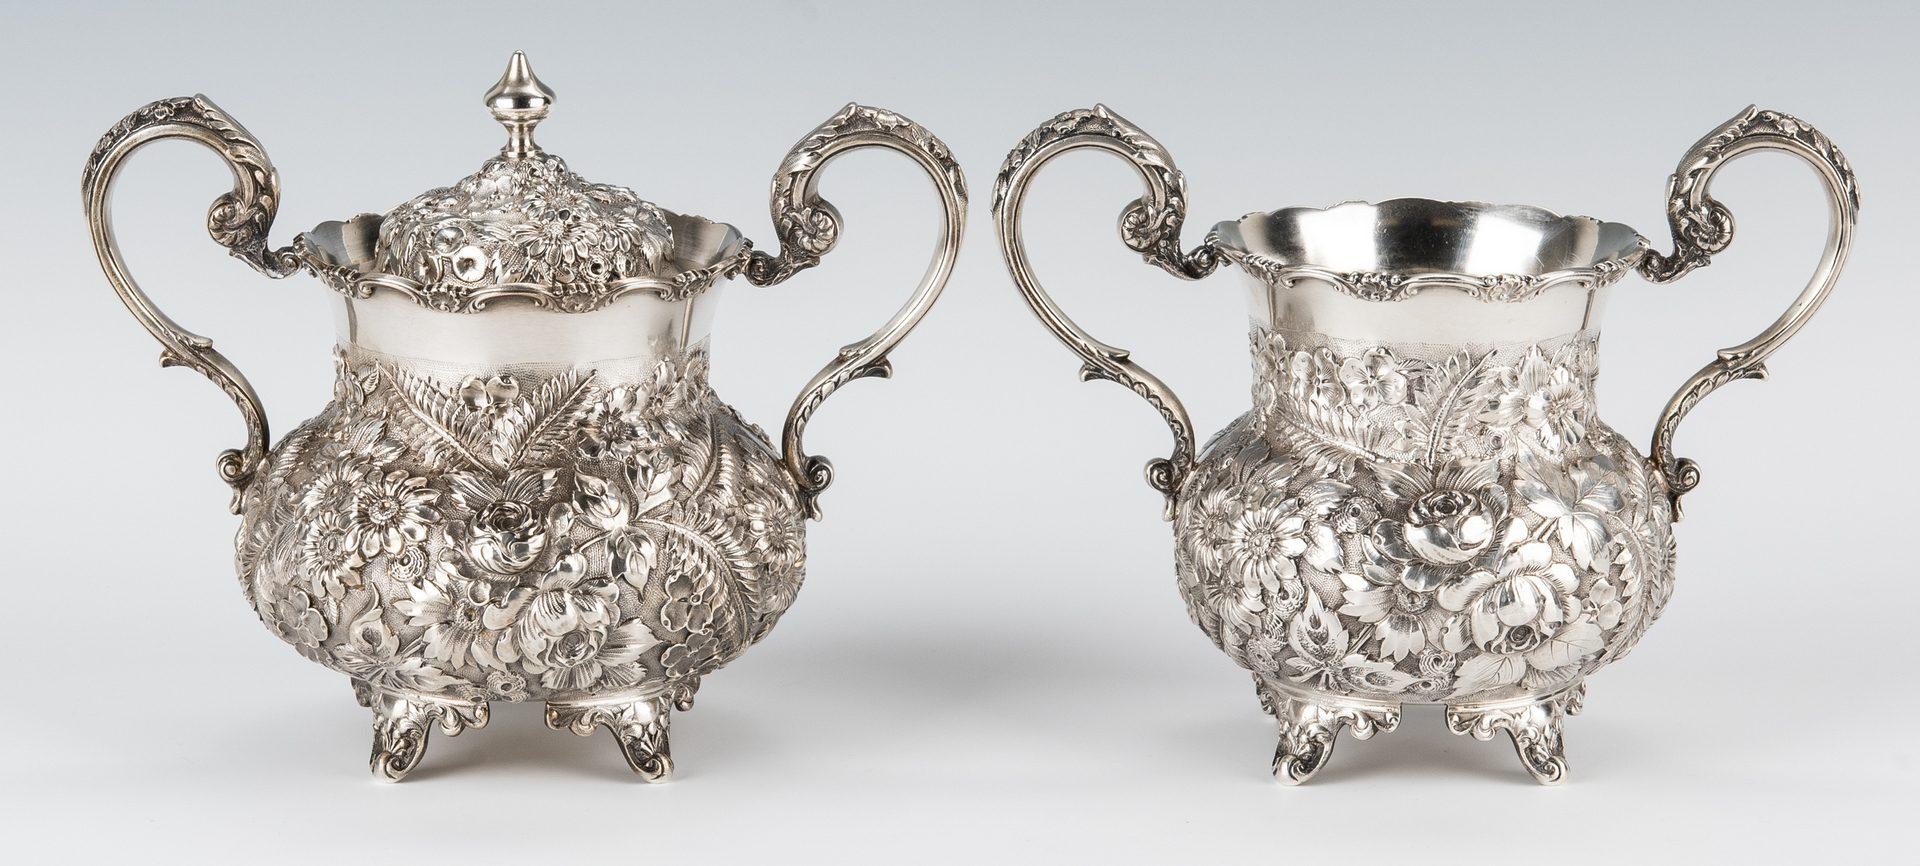 Lot 50: A.G. Schultz & Co. Sterling Floral Repousse Tea Set, 4 pcs.